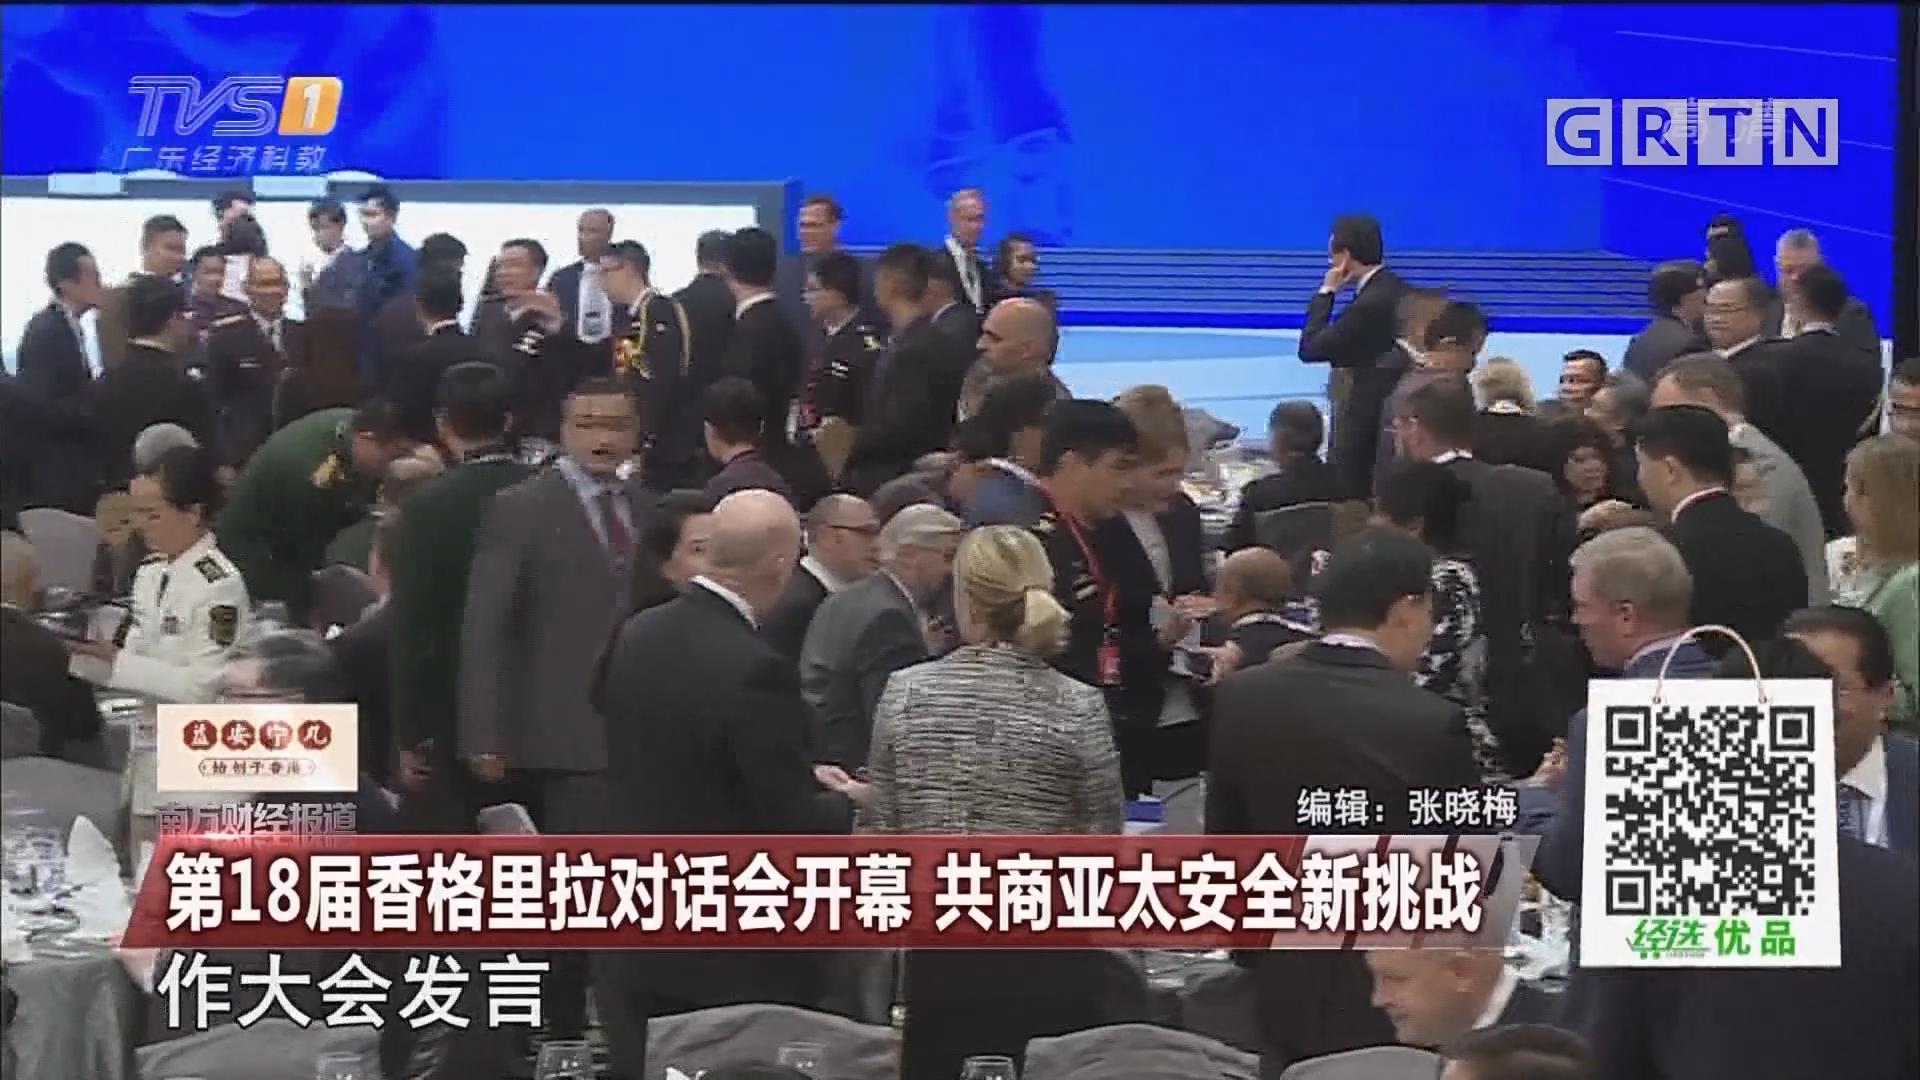 第18届香格里拉对话会开幕 共商亚太安全新挑战